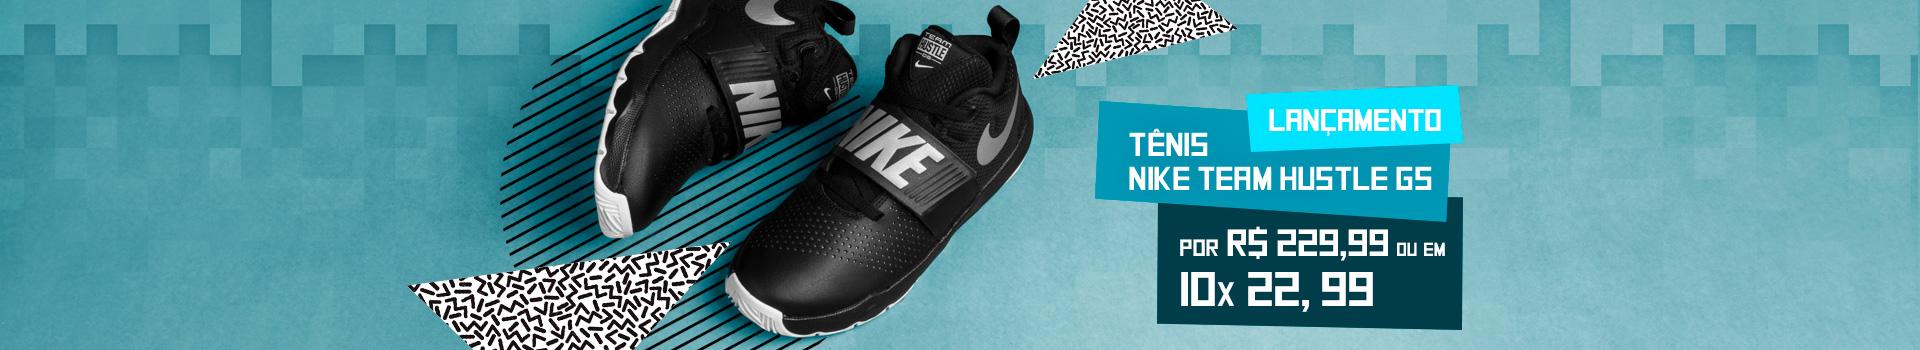 TV 4 - Nike